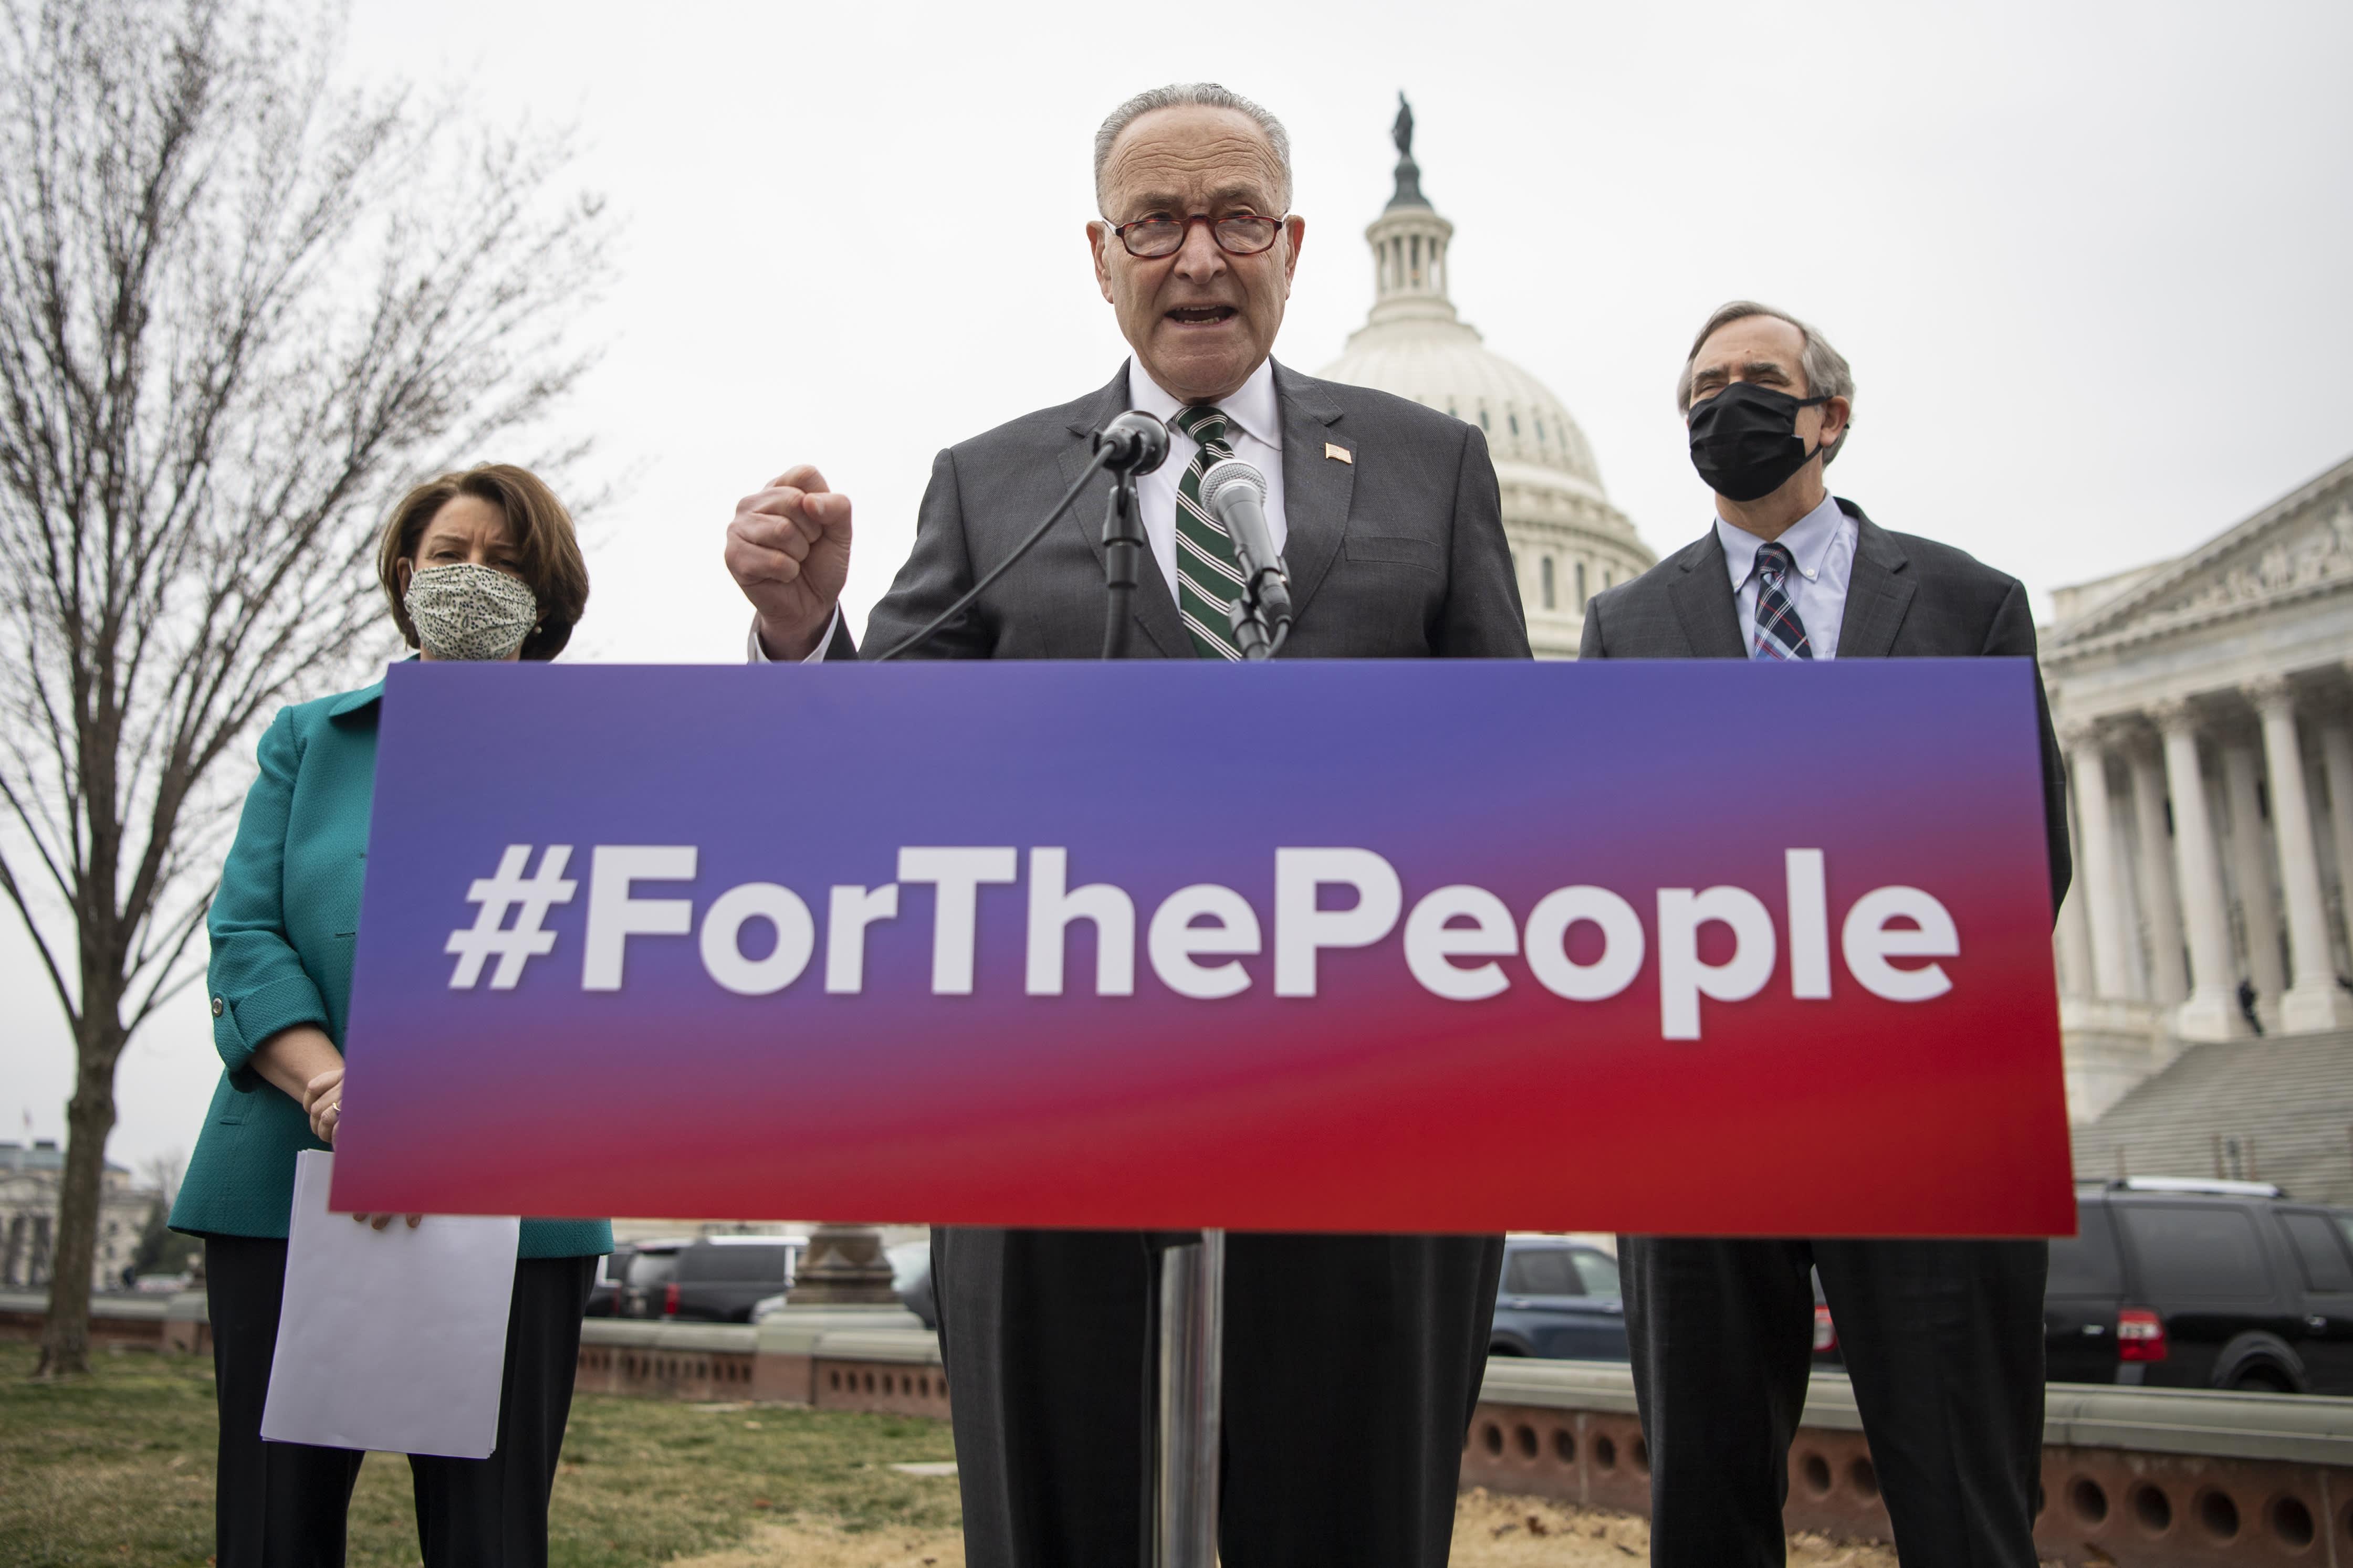 """民主党提""""为人民法案"""" 以抗共和党的限制投票法"""